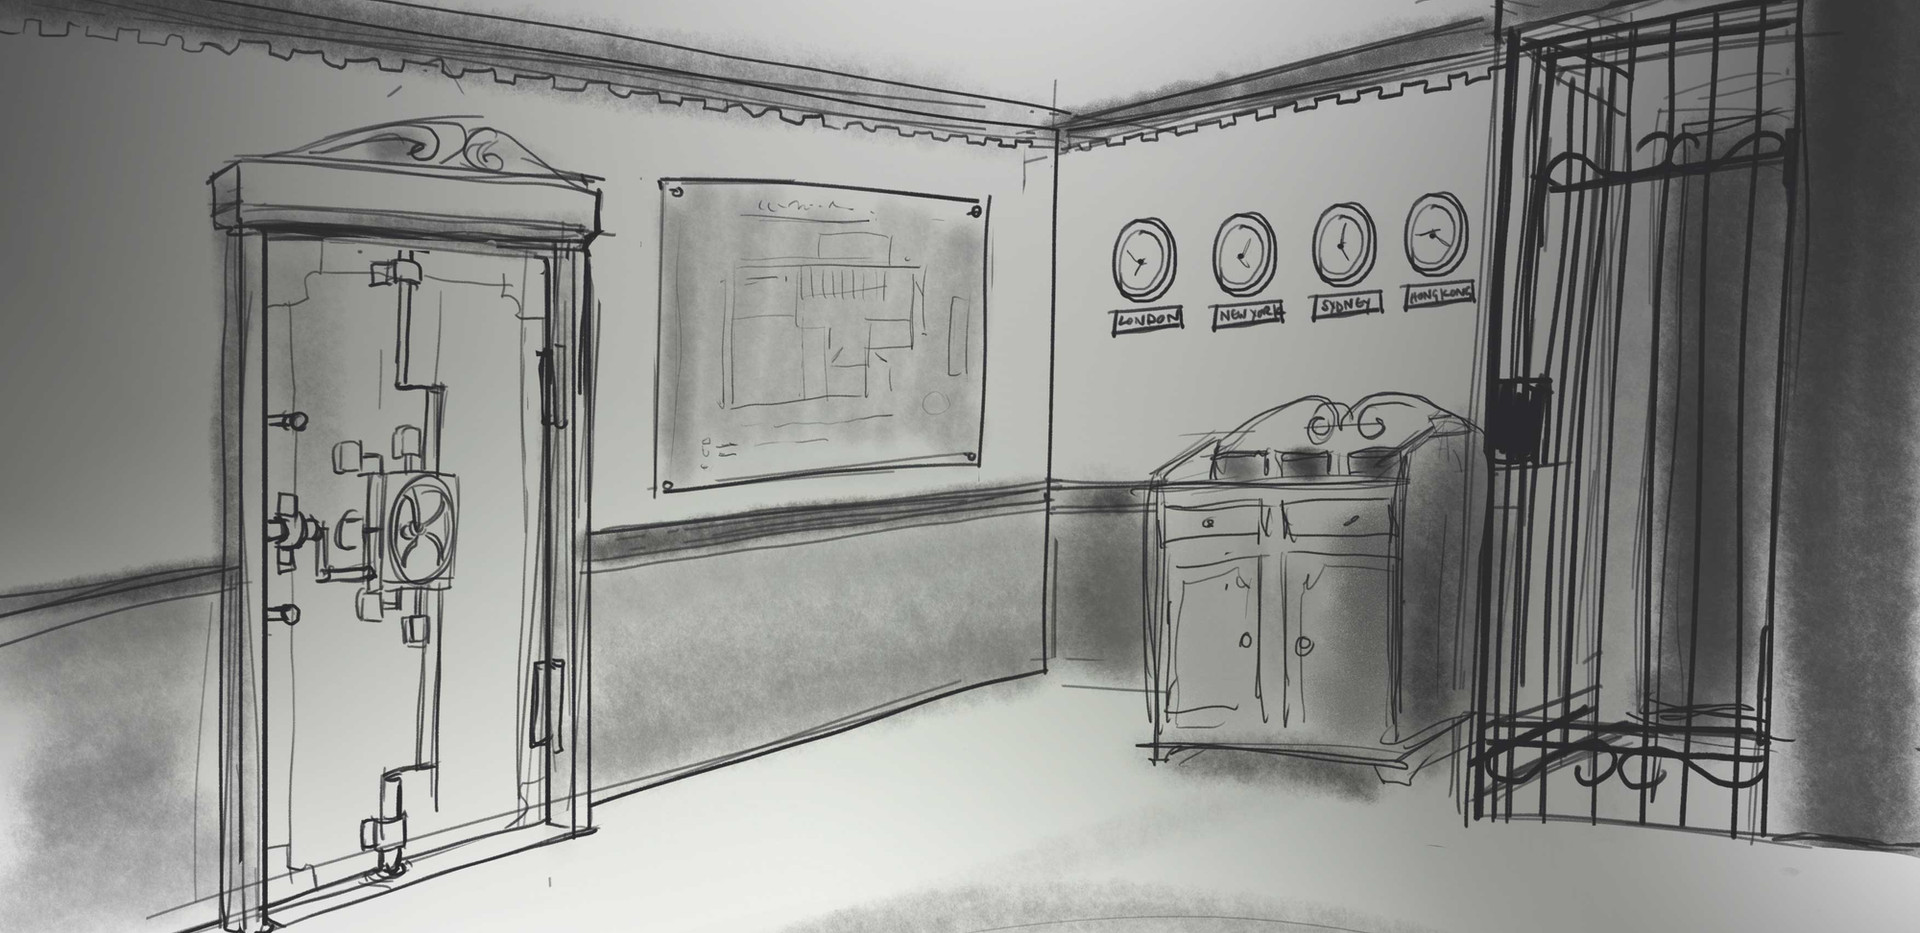 Shop-facing-laser-room-3.jpg